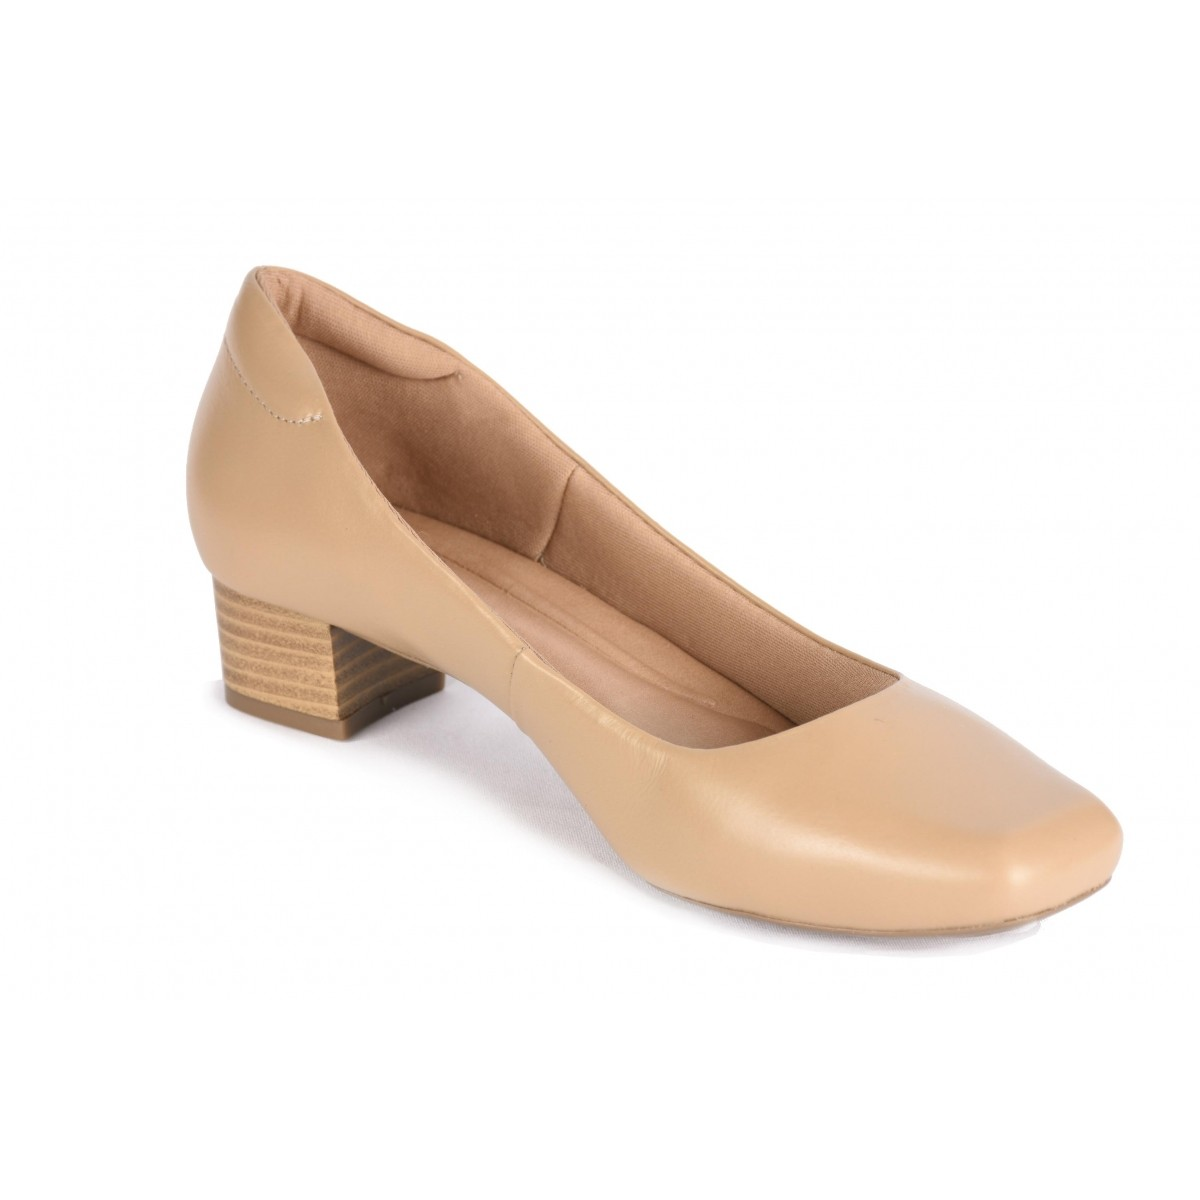 Sapato Neftali Comfort, bico quadrado, cor avelã